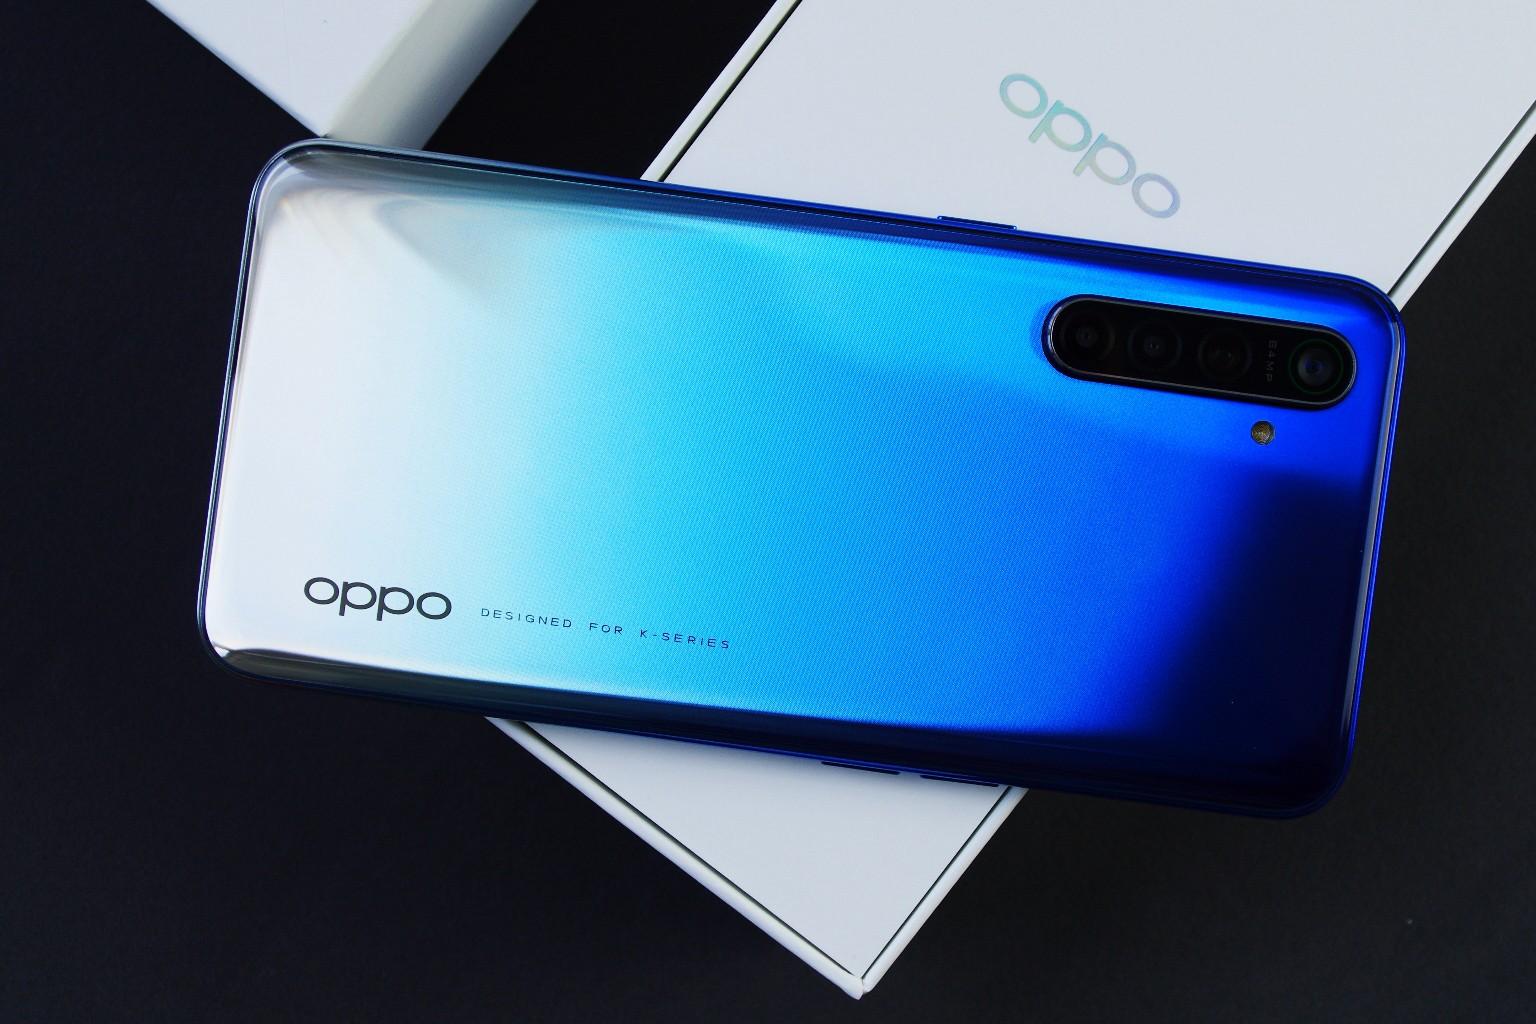 OPPO K5评测:游戏拍照闪冲样样俱全的硬核千元机